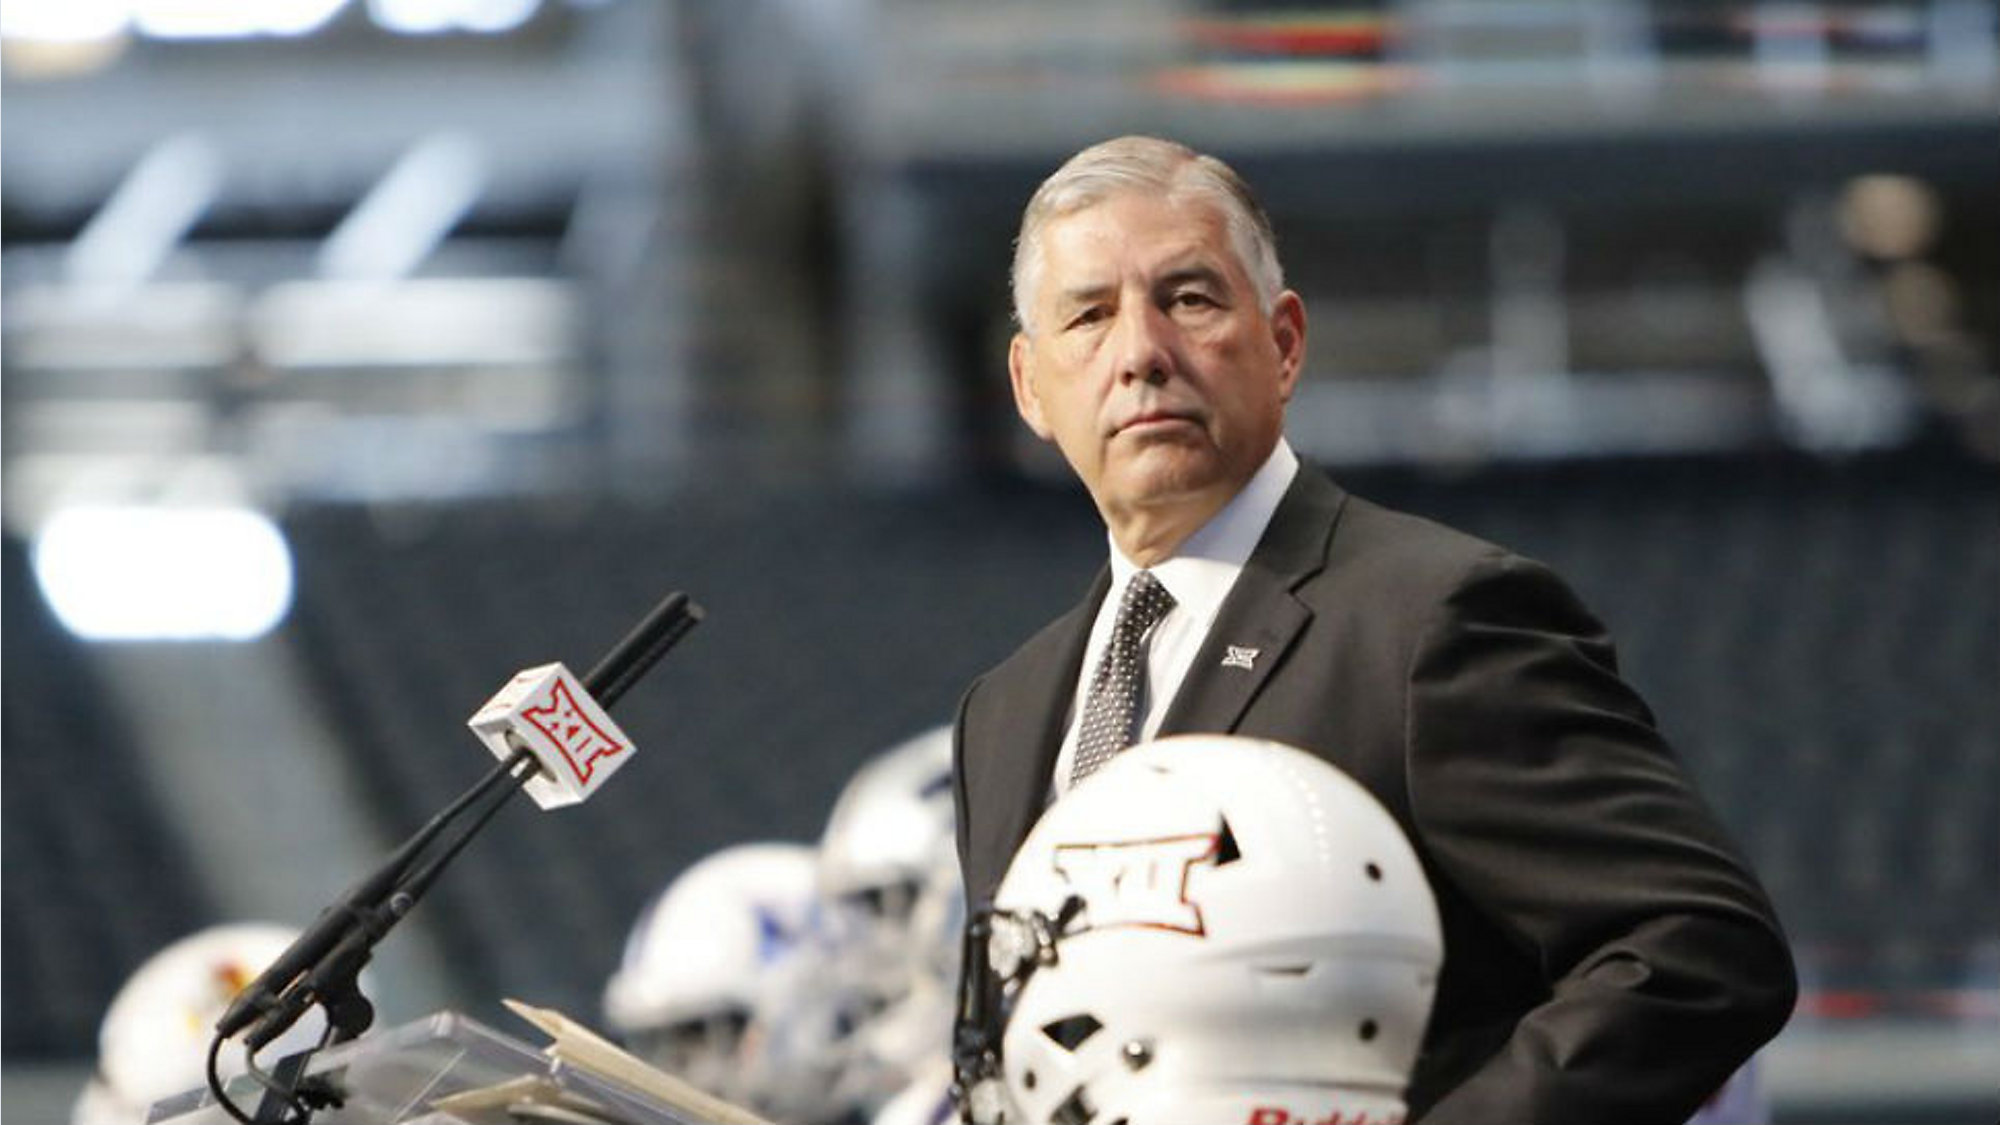 AP Sources: Big 12 Conference Decides Against Expansion